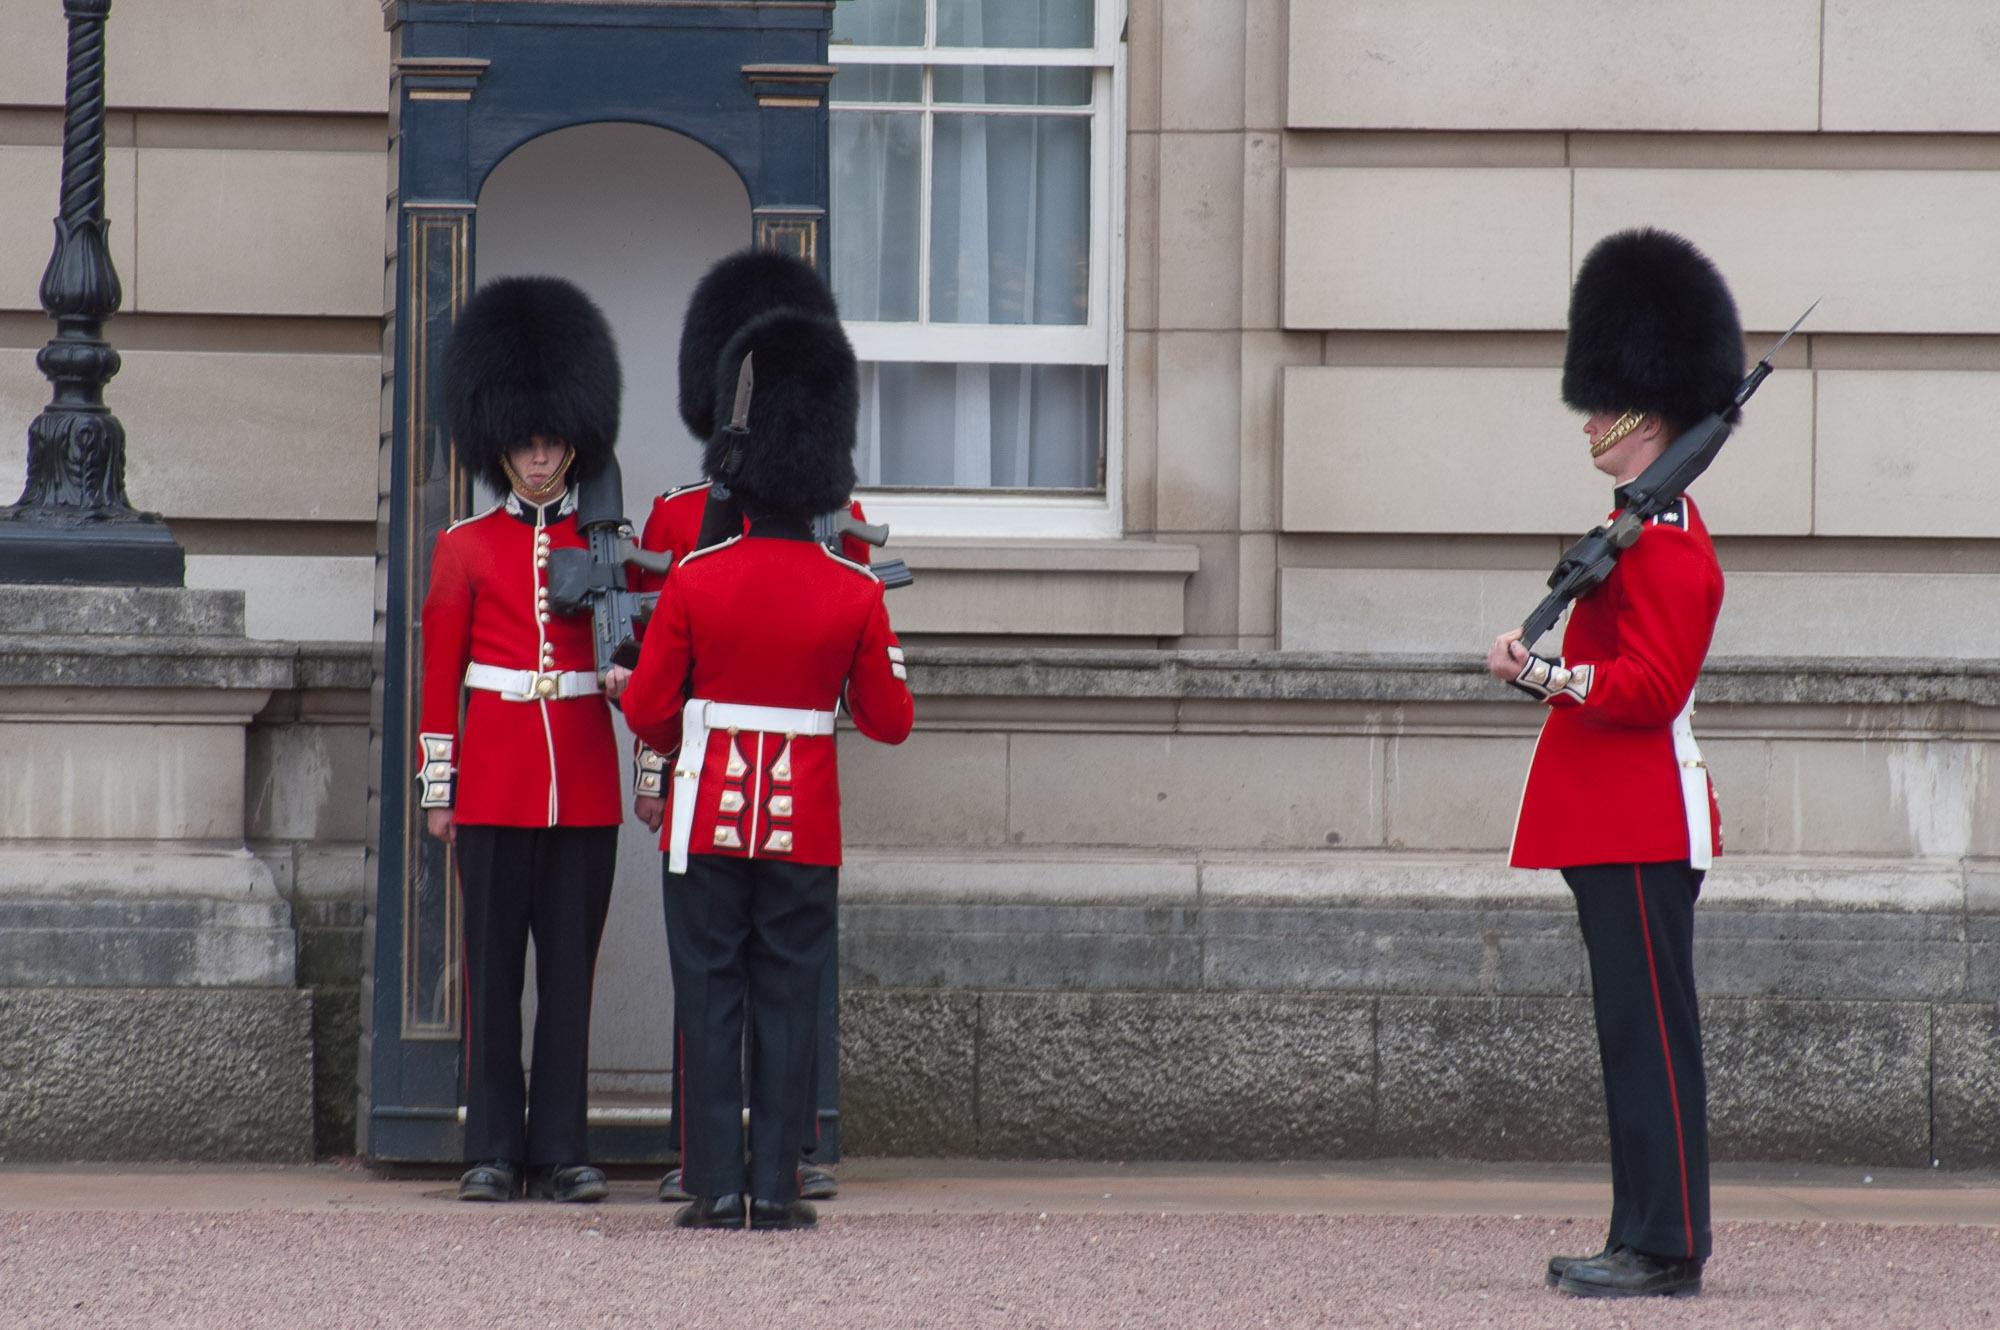 Guard III